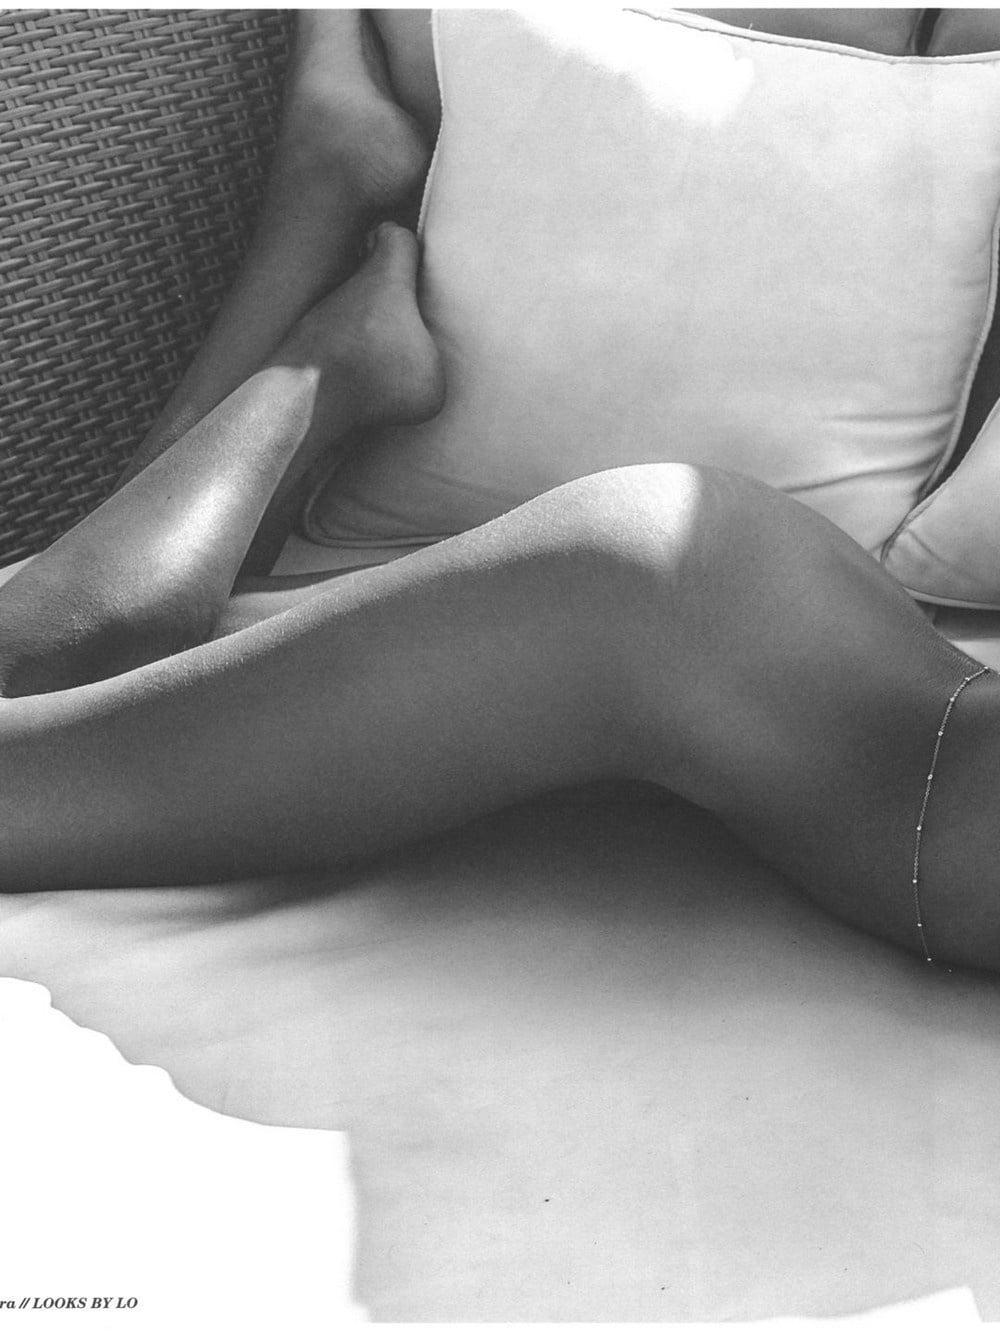 Sandra Kubicka em um ensaio fotográfico sensual 17